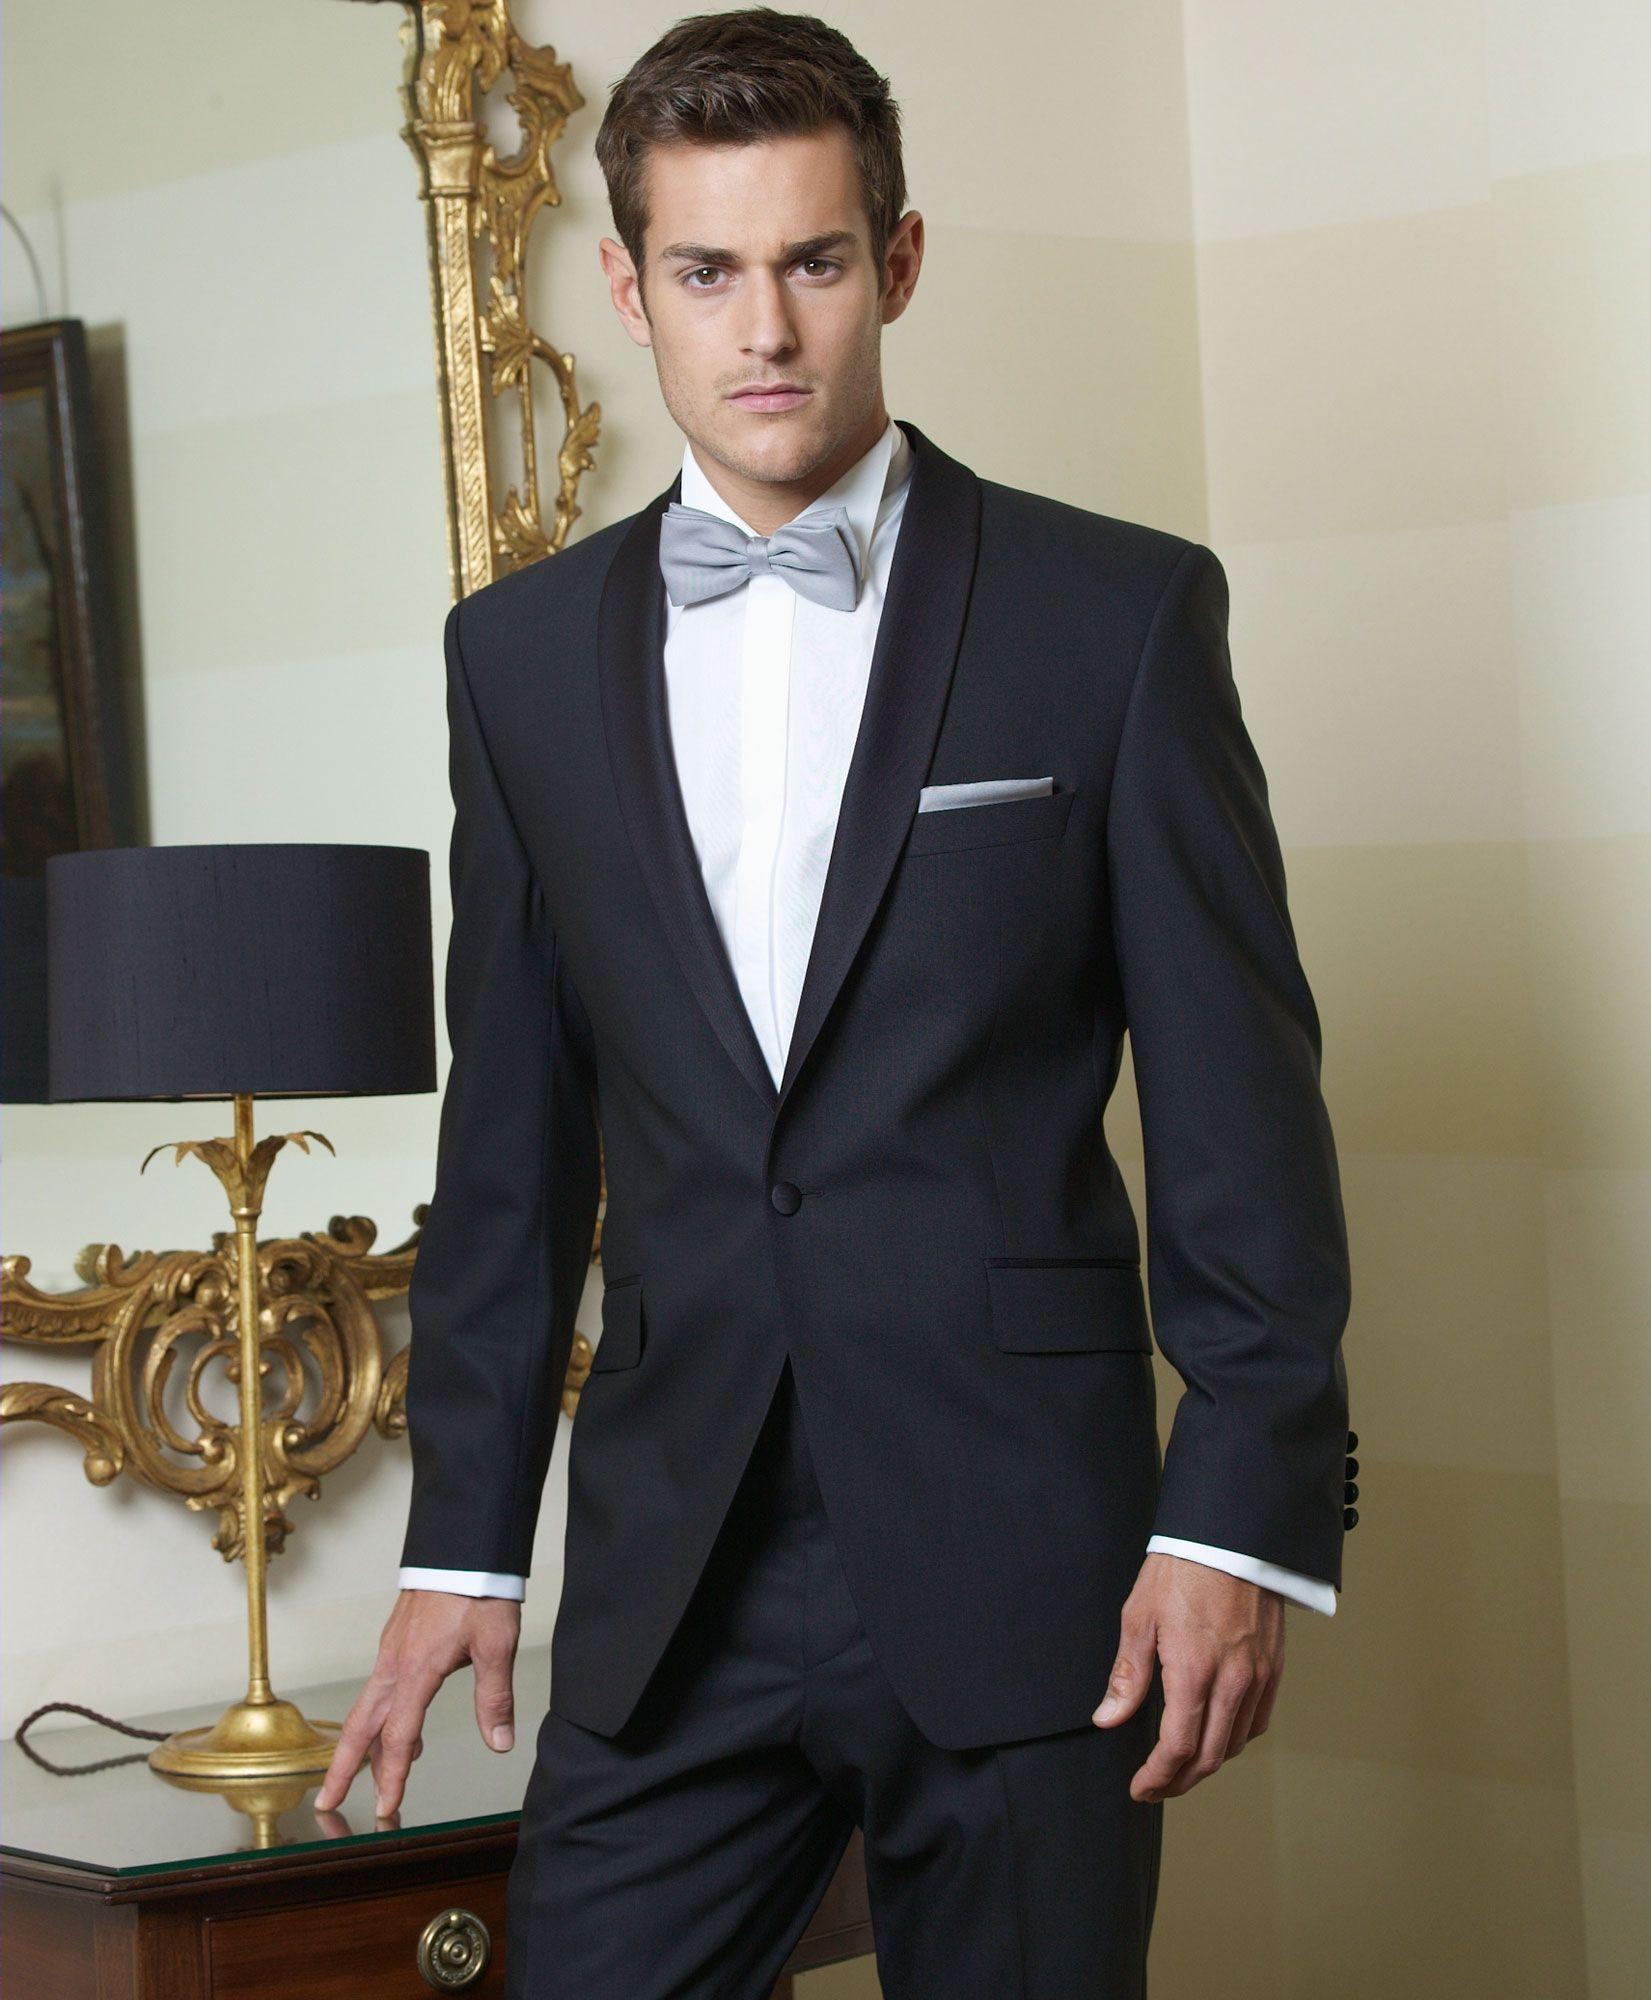 Herren Formelle Wear ,Anzug, Hochzeitsanzug,Smoking ...